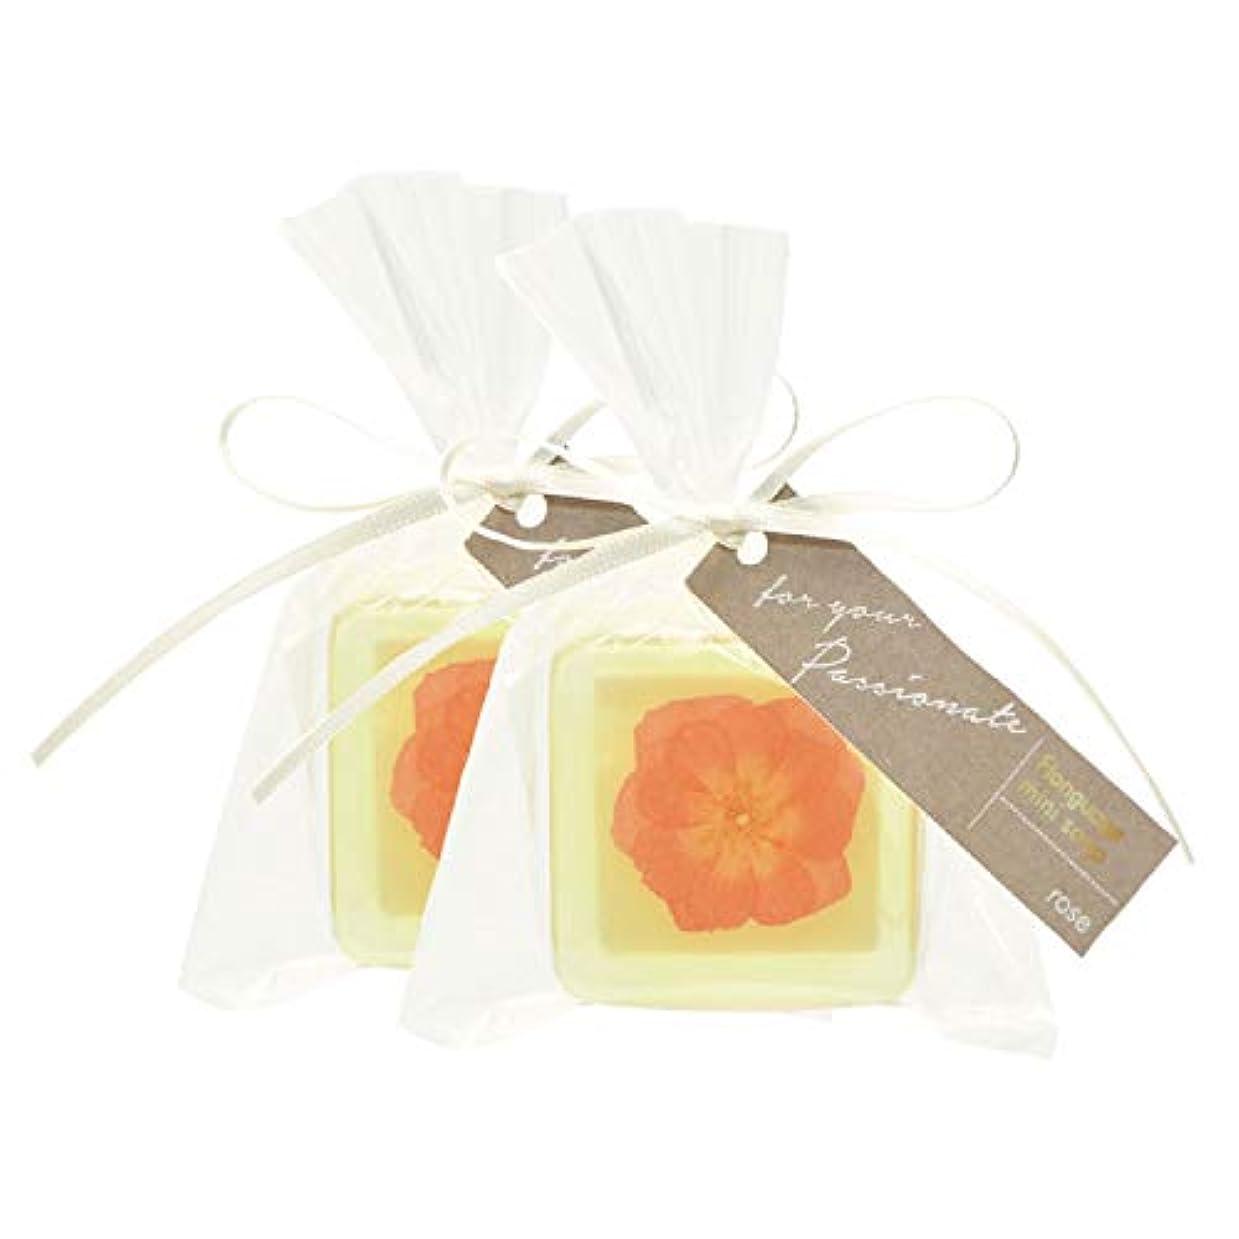 創始者カビボアノルコーポレーション 石けん フランゲージ ミニソープ 2個セット 柑橘の香り OB-FMS-1-2